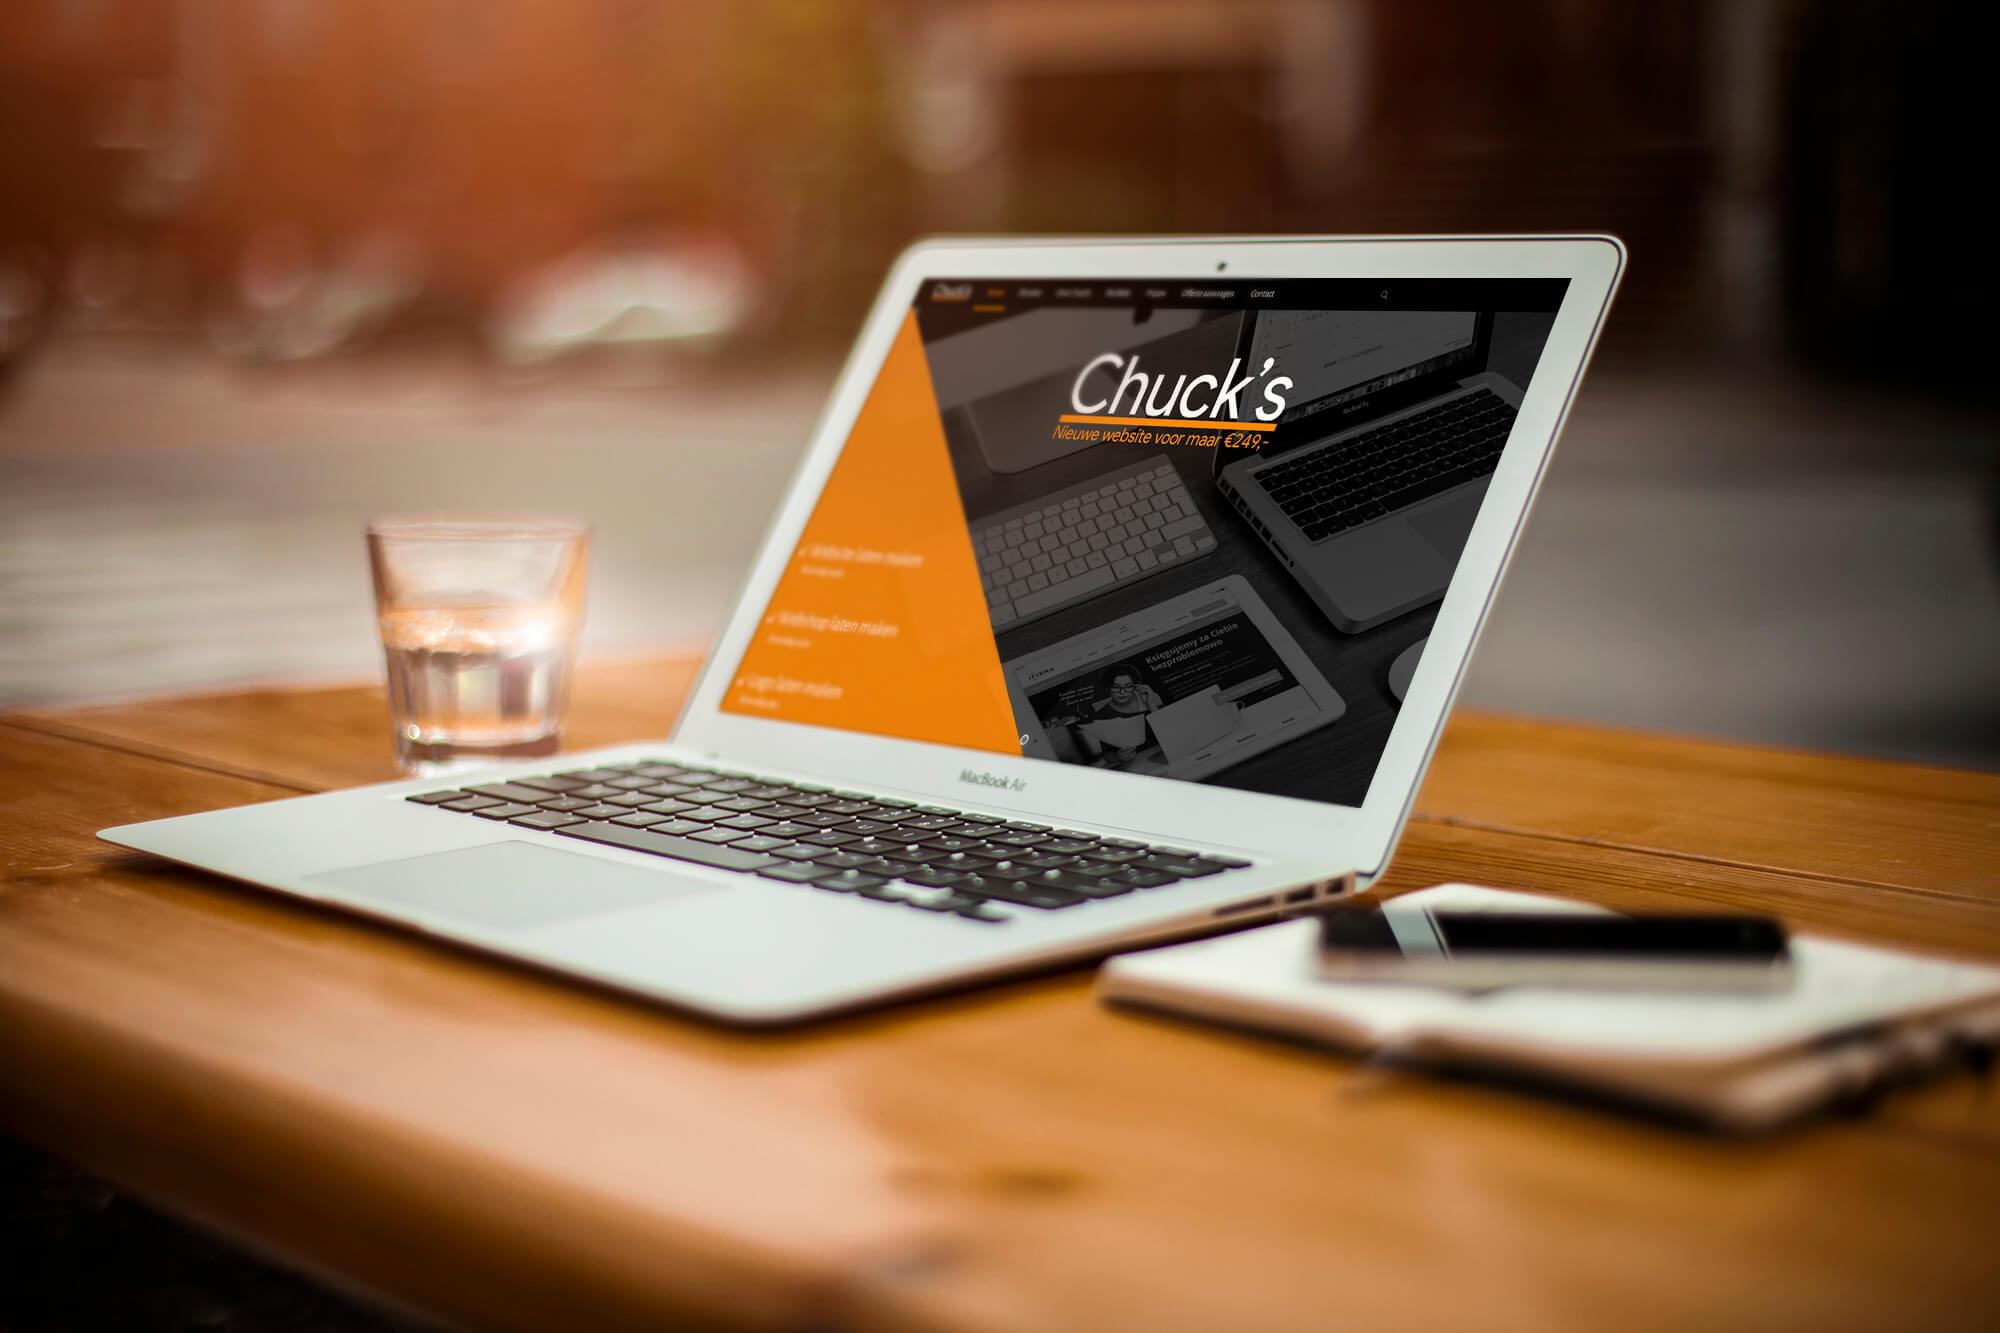 Een professionele website laten maken kunt u aan ons overlaten